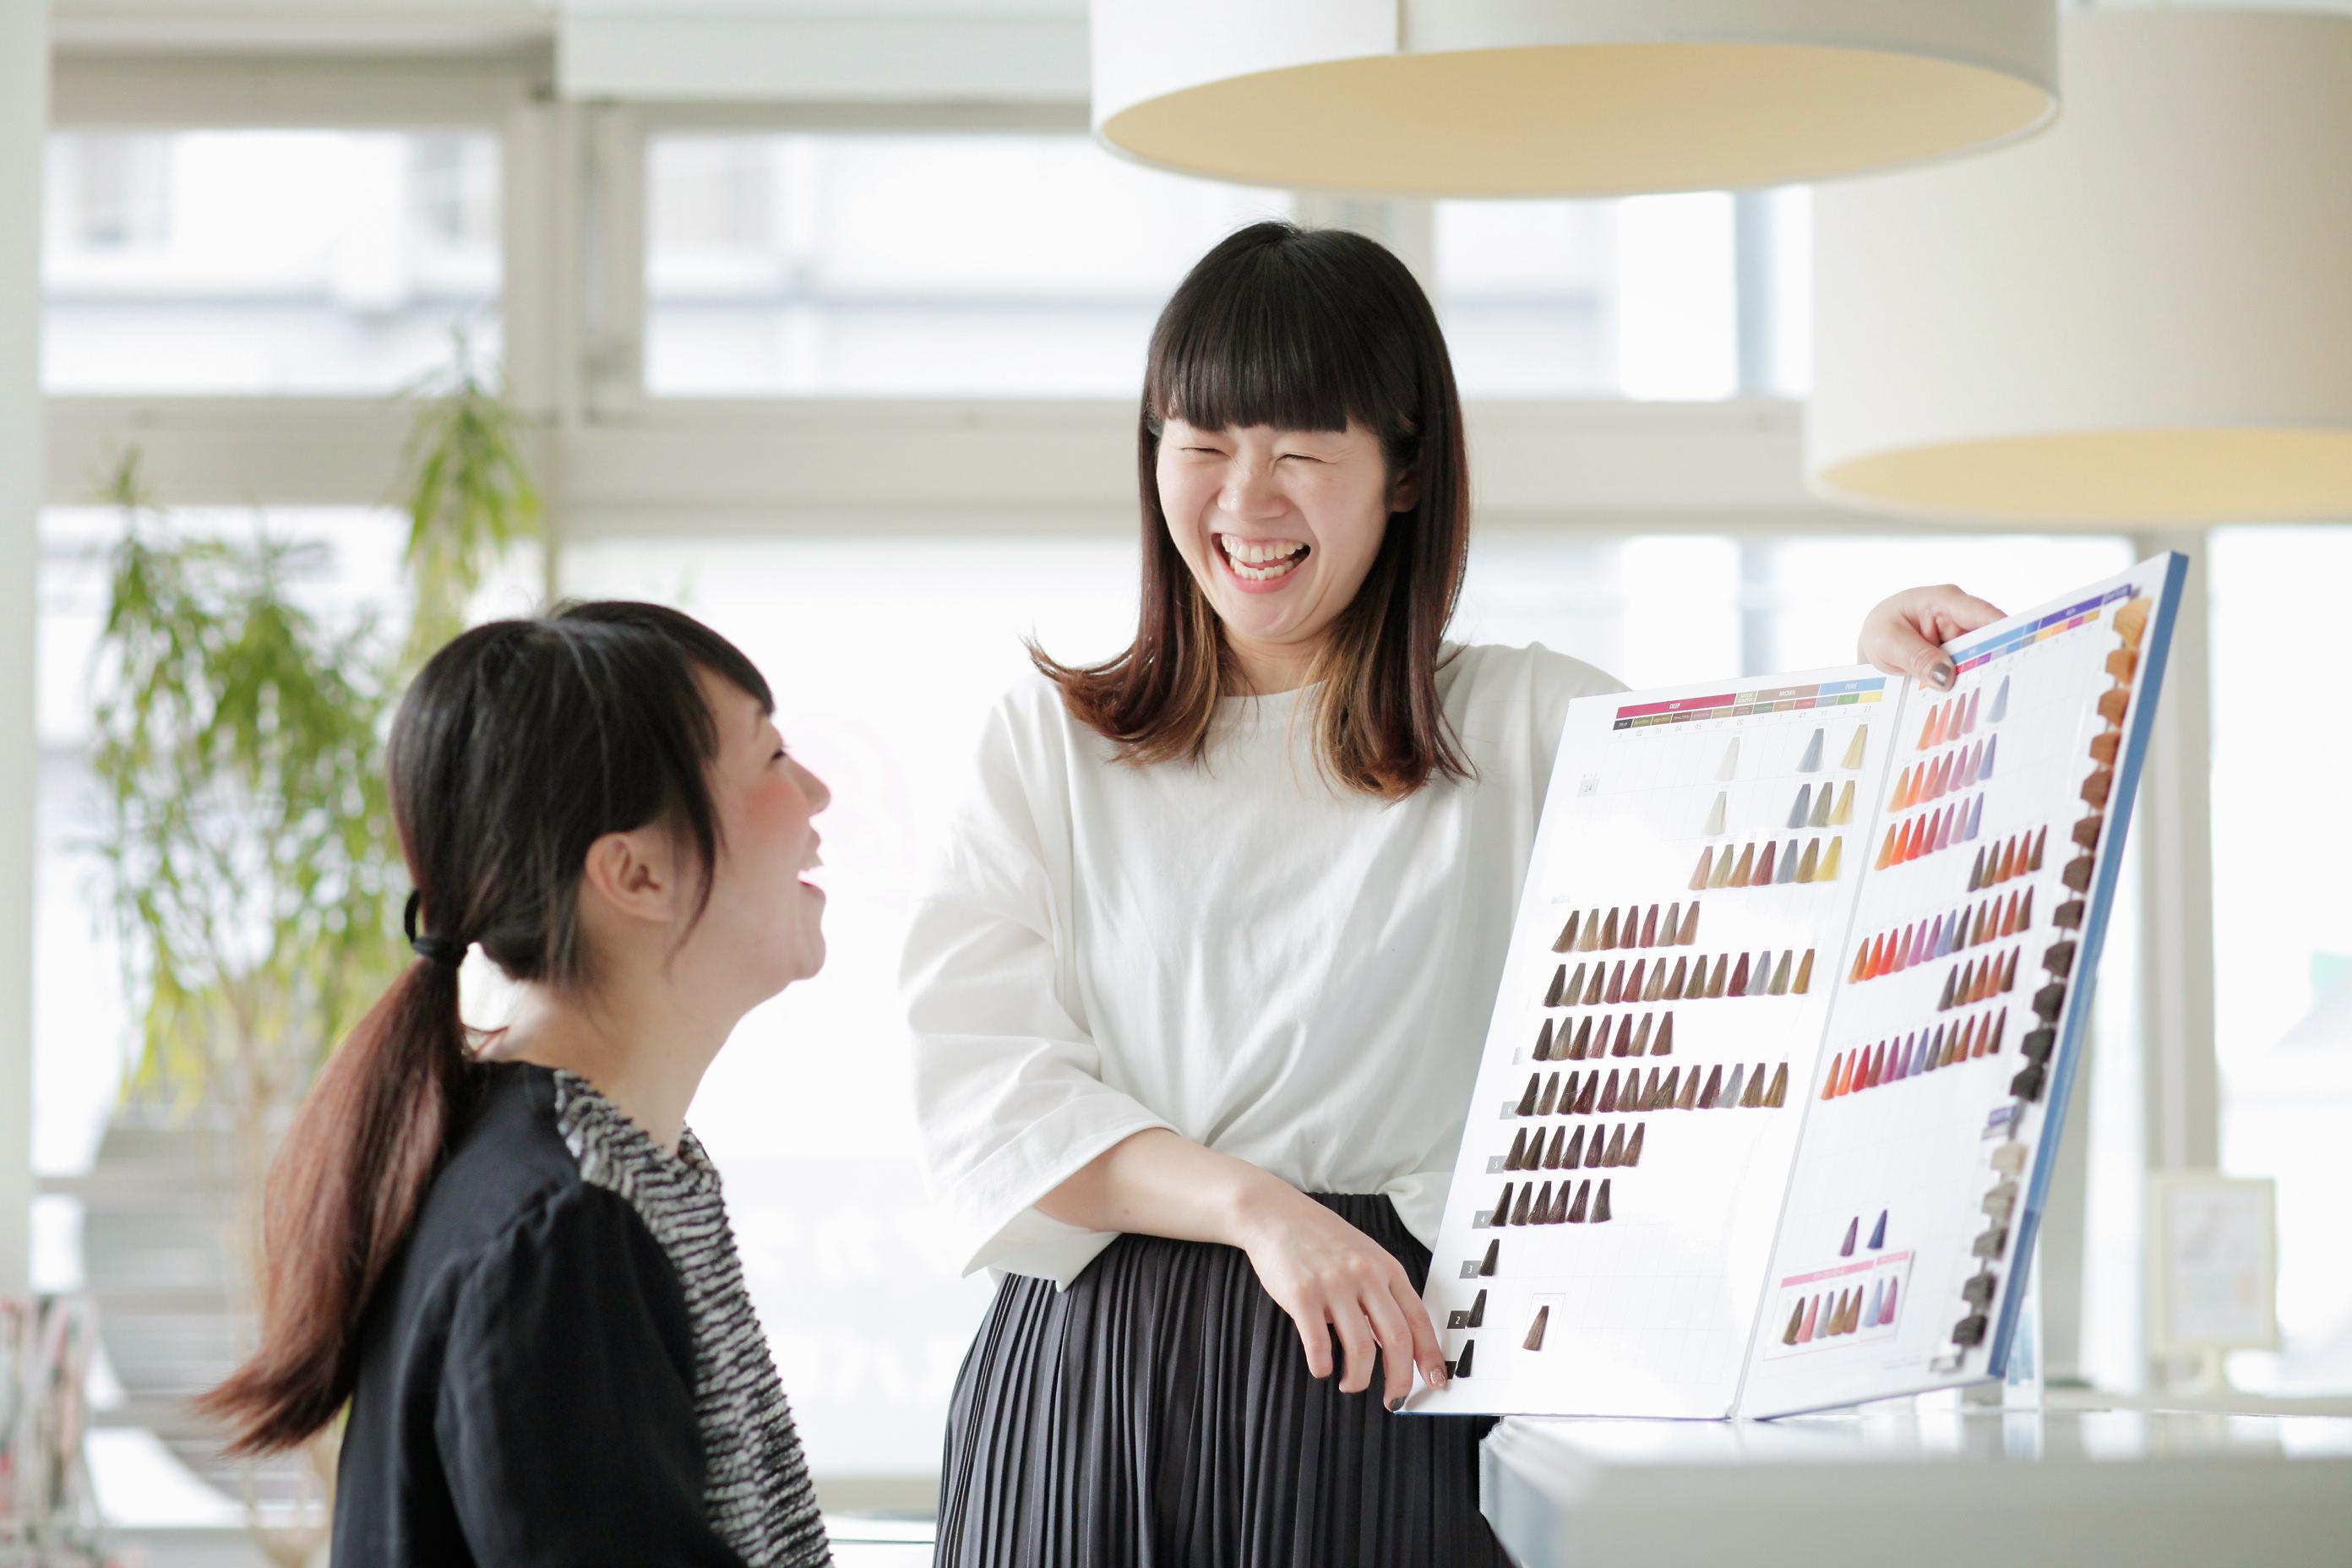 「スタッフが判断に迷ったらすぐに教えてあげられるように、営業中は常に目を光らせています」と、三軒茶屋店店長の鈴木さん